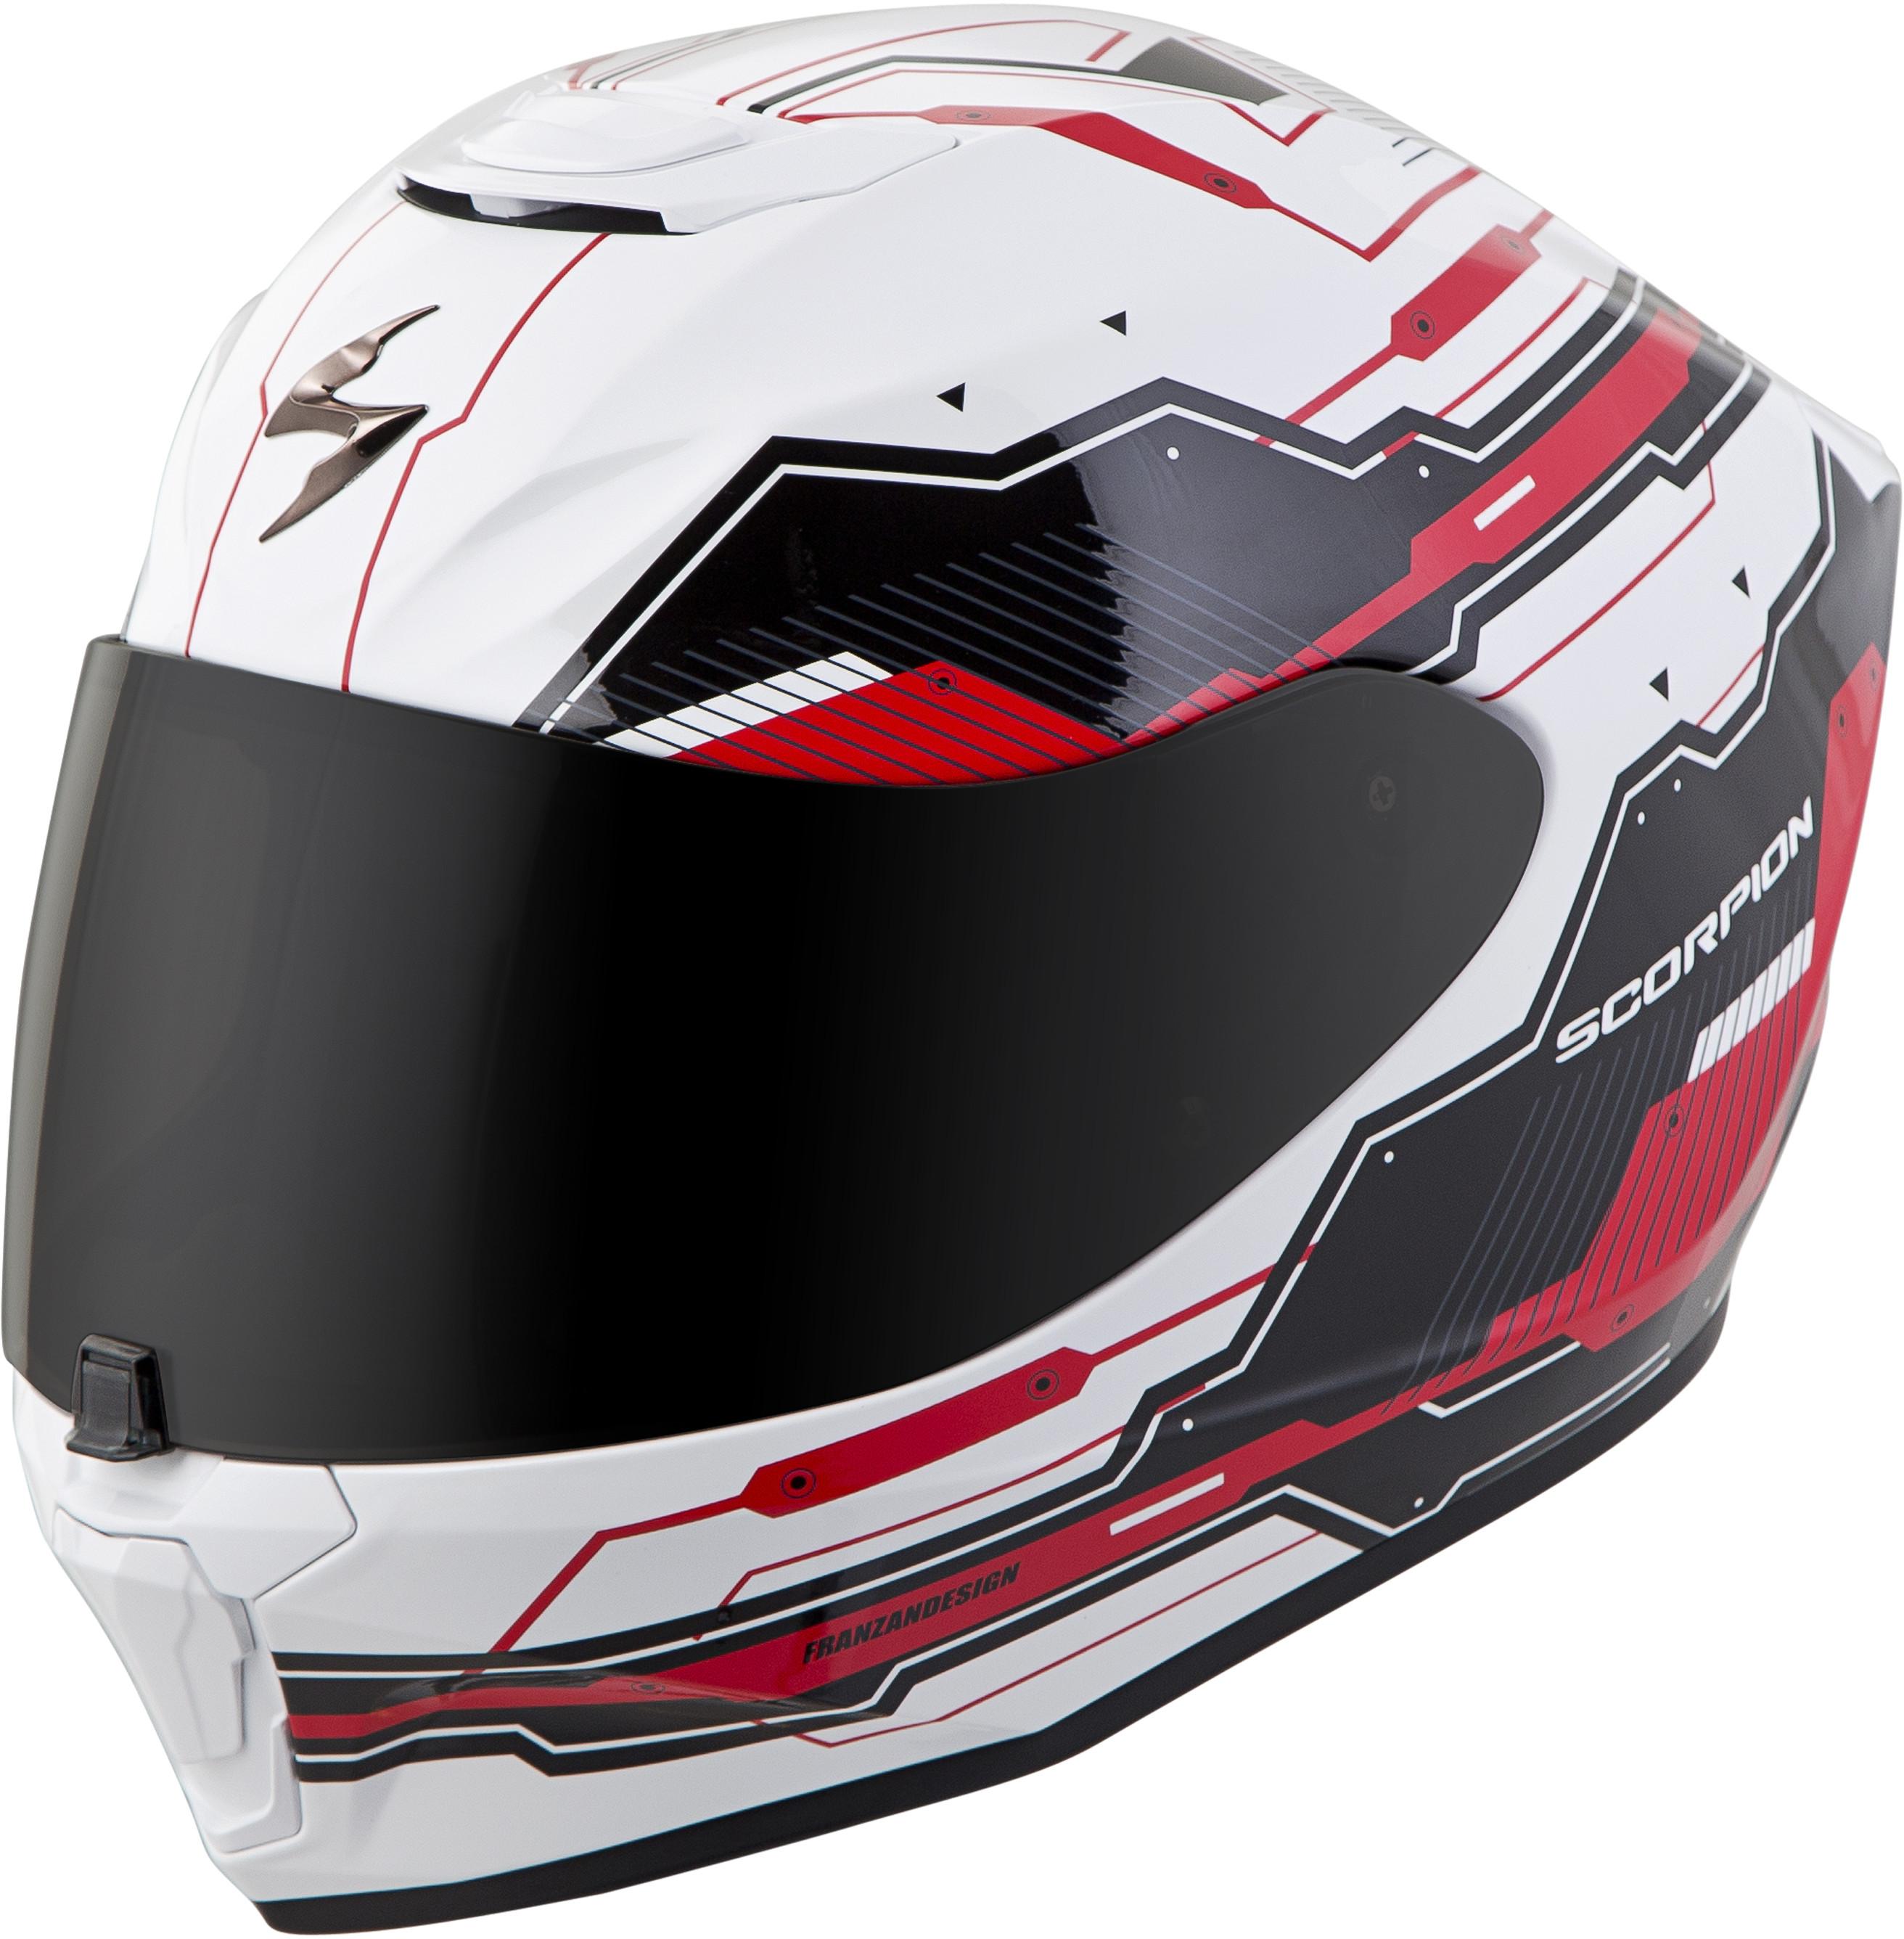 Exo-R420 Full-Face Techno Helmet White/Red 3X